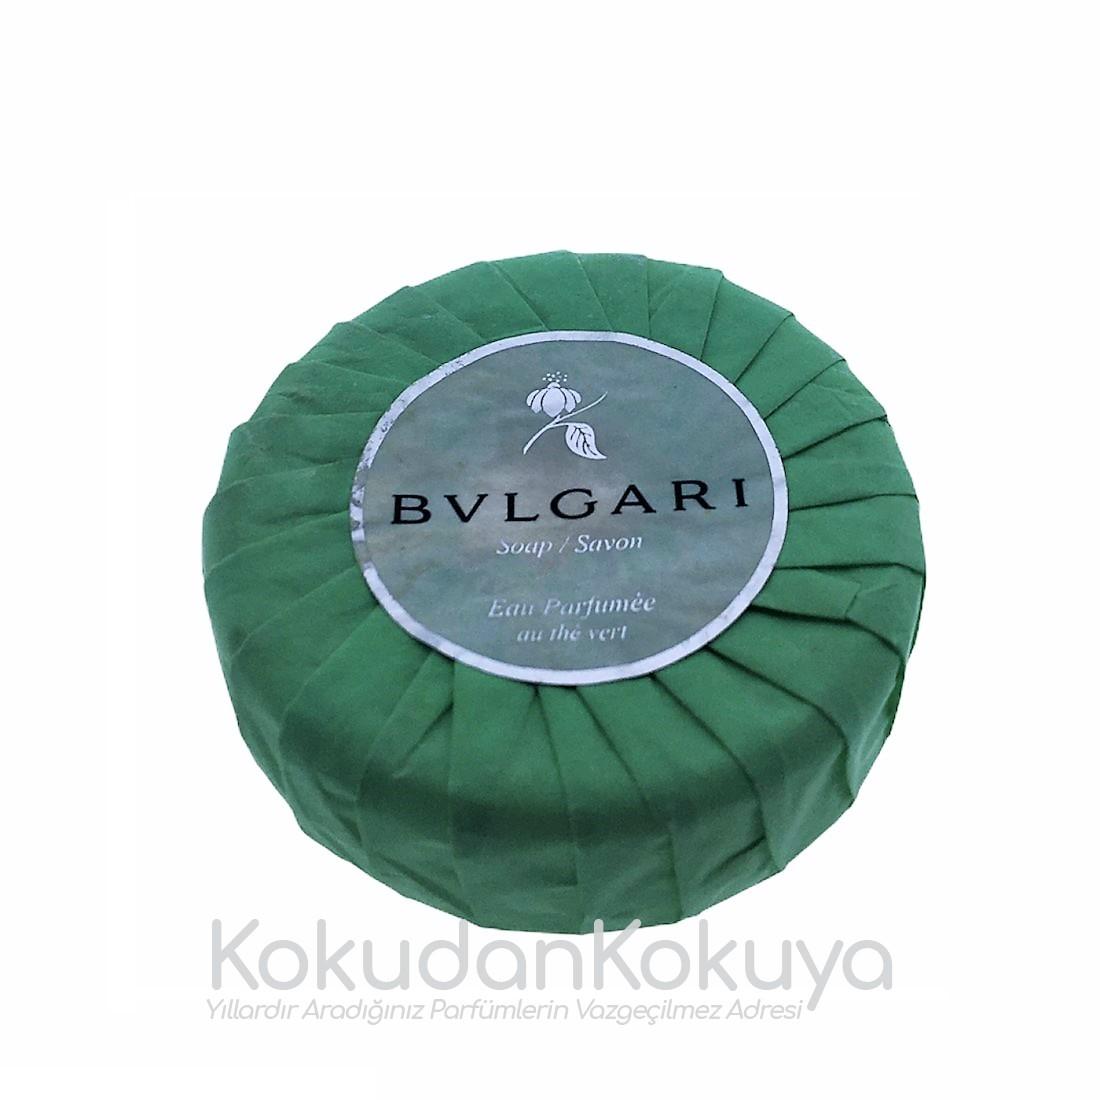 BVLGARI Eau Parfumee Au The Vert (Vintage) Vücut Bakım Ürünleri Unisex 75ml Sabun